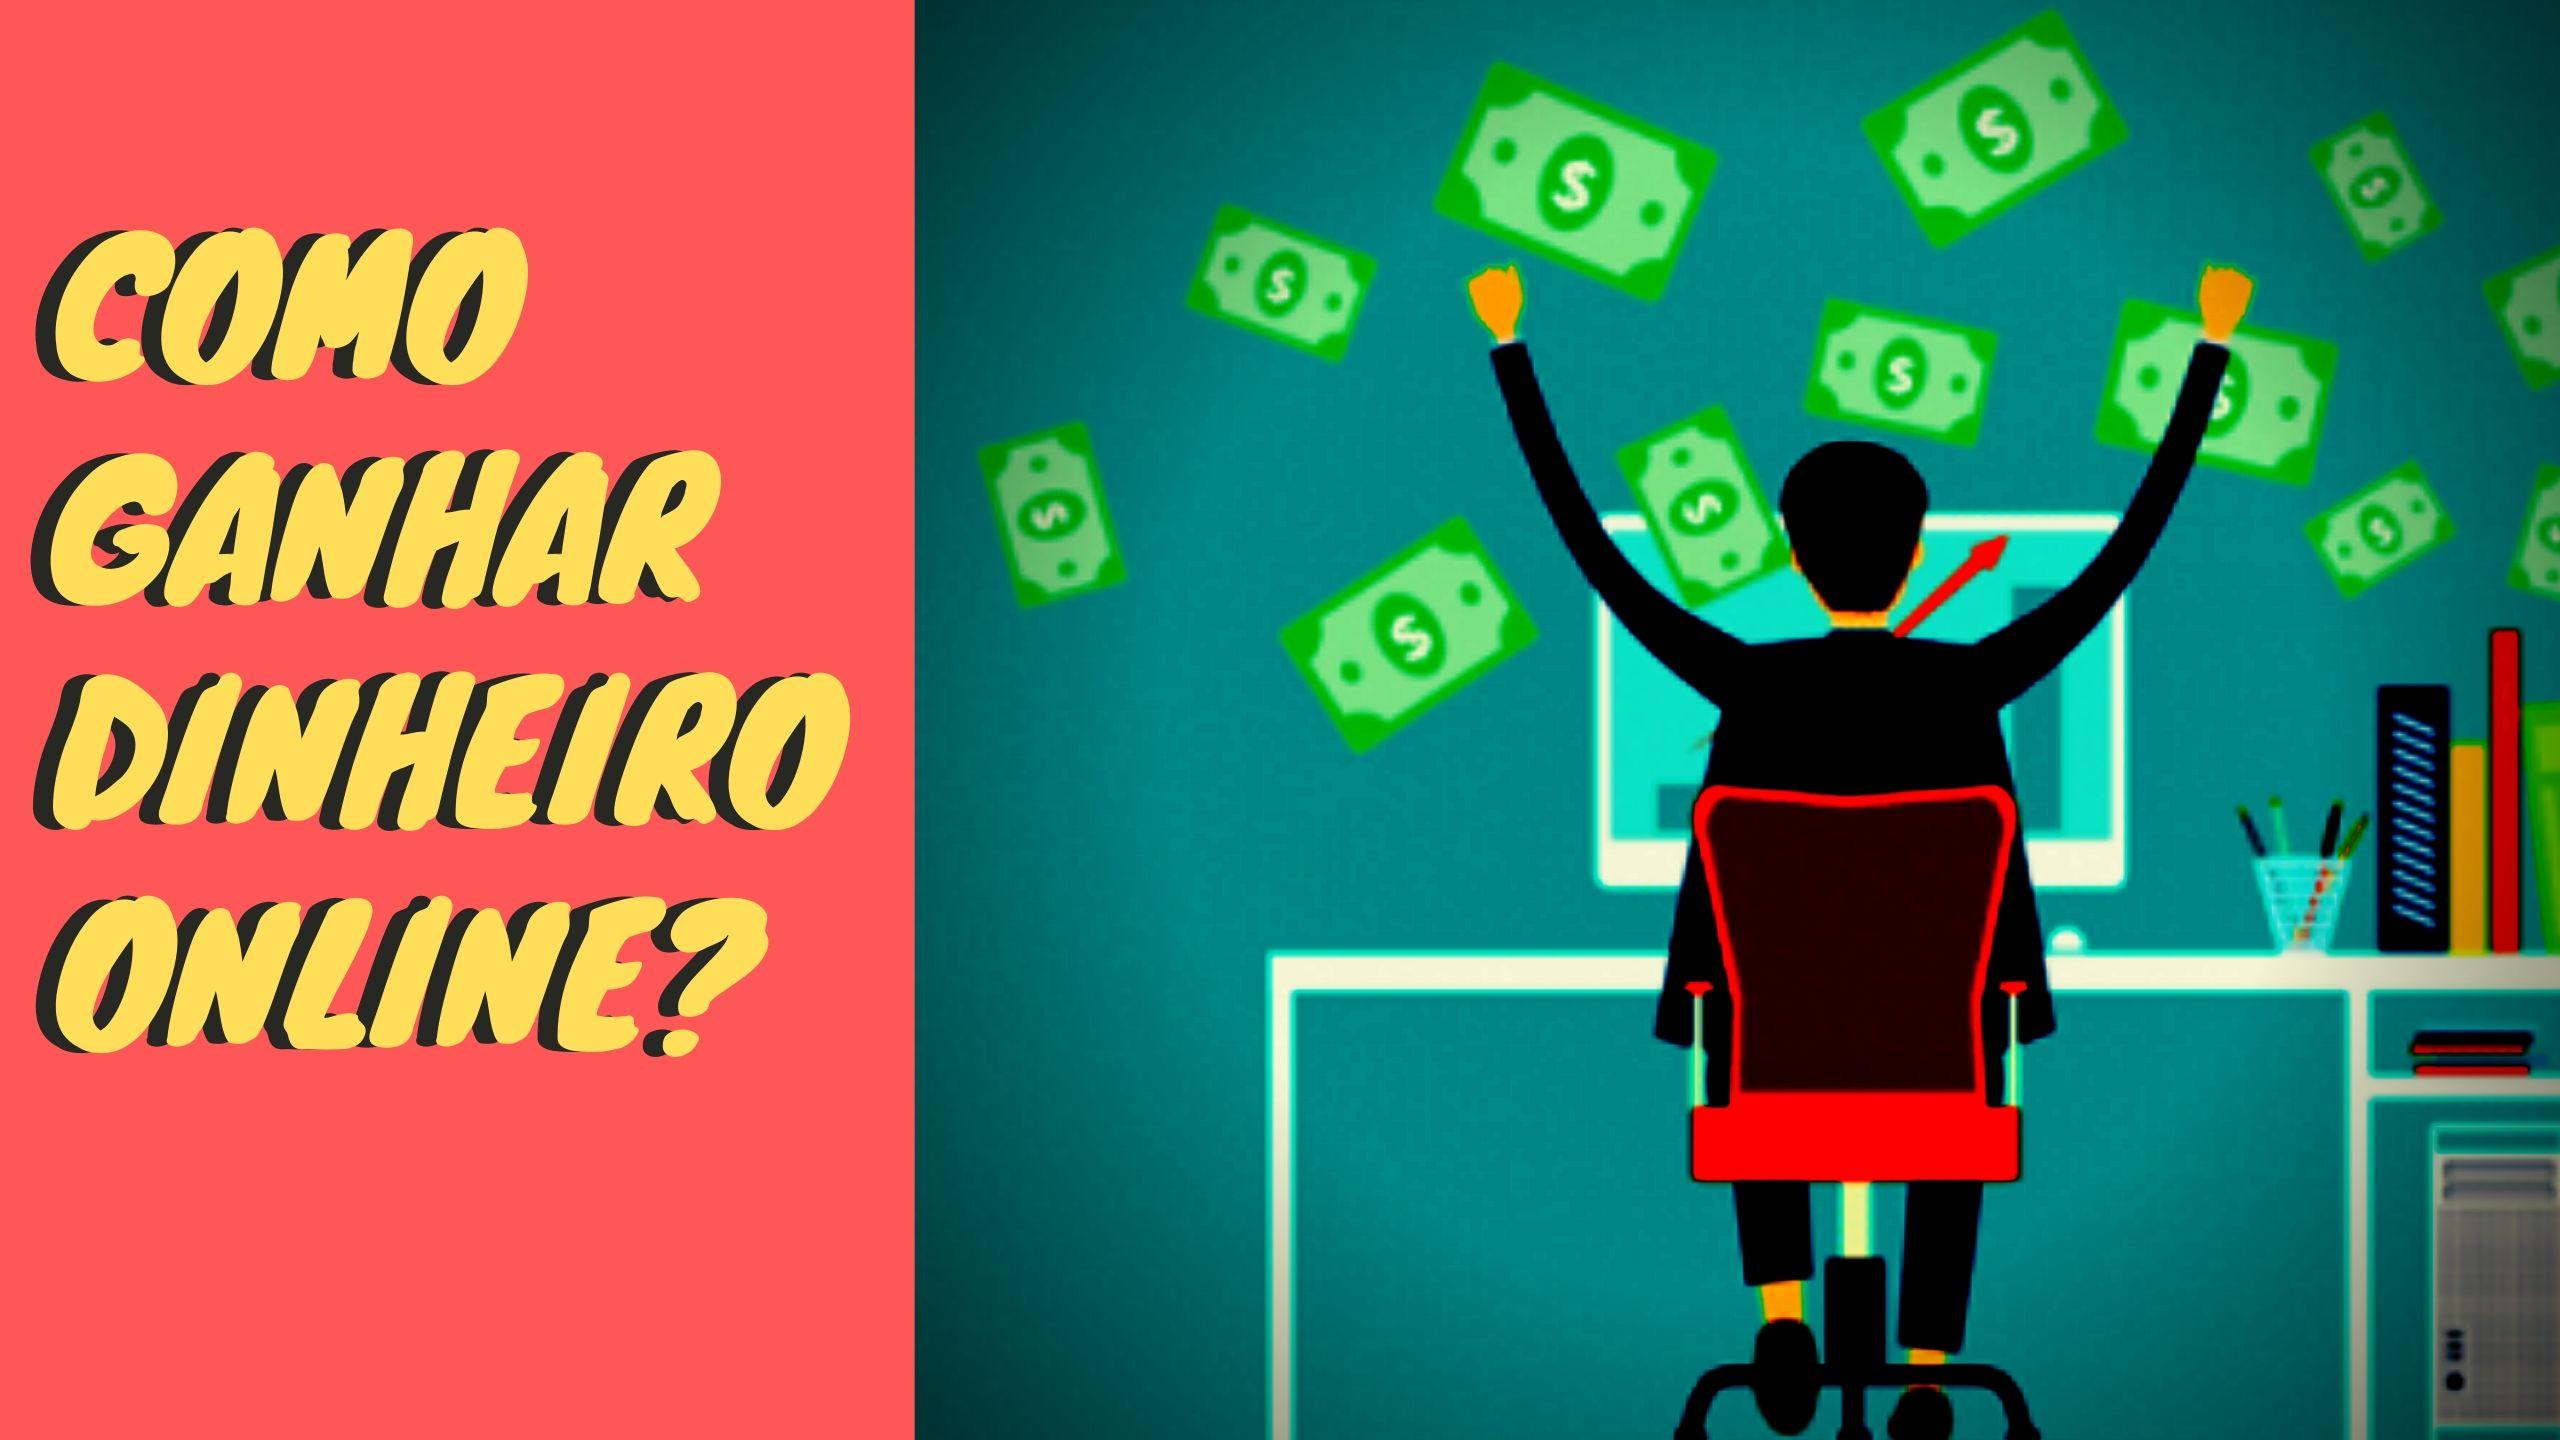 Ganhar dinheiro online: veja as melhores maneiras